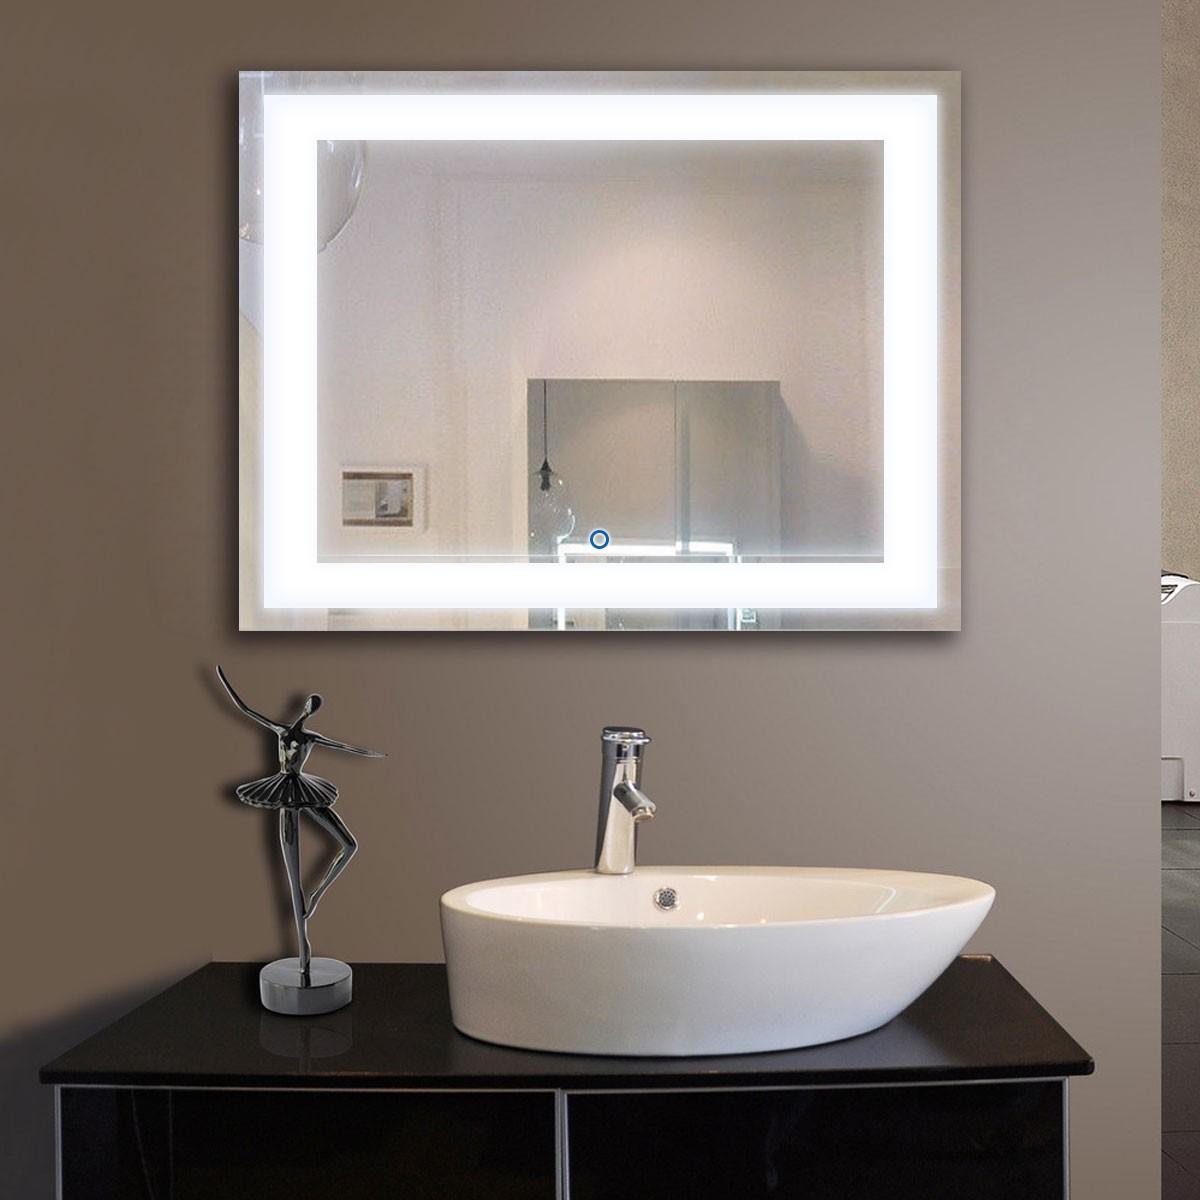 28 x 36 po Miroir Horizontal Argenté LED Salle de Bains avec